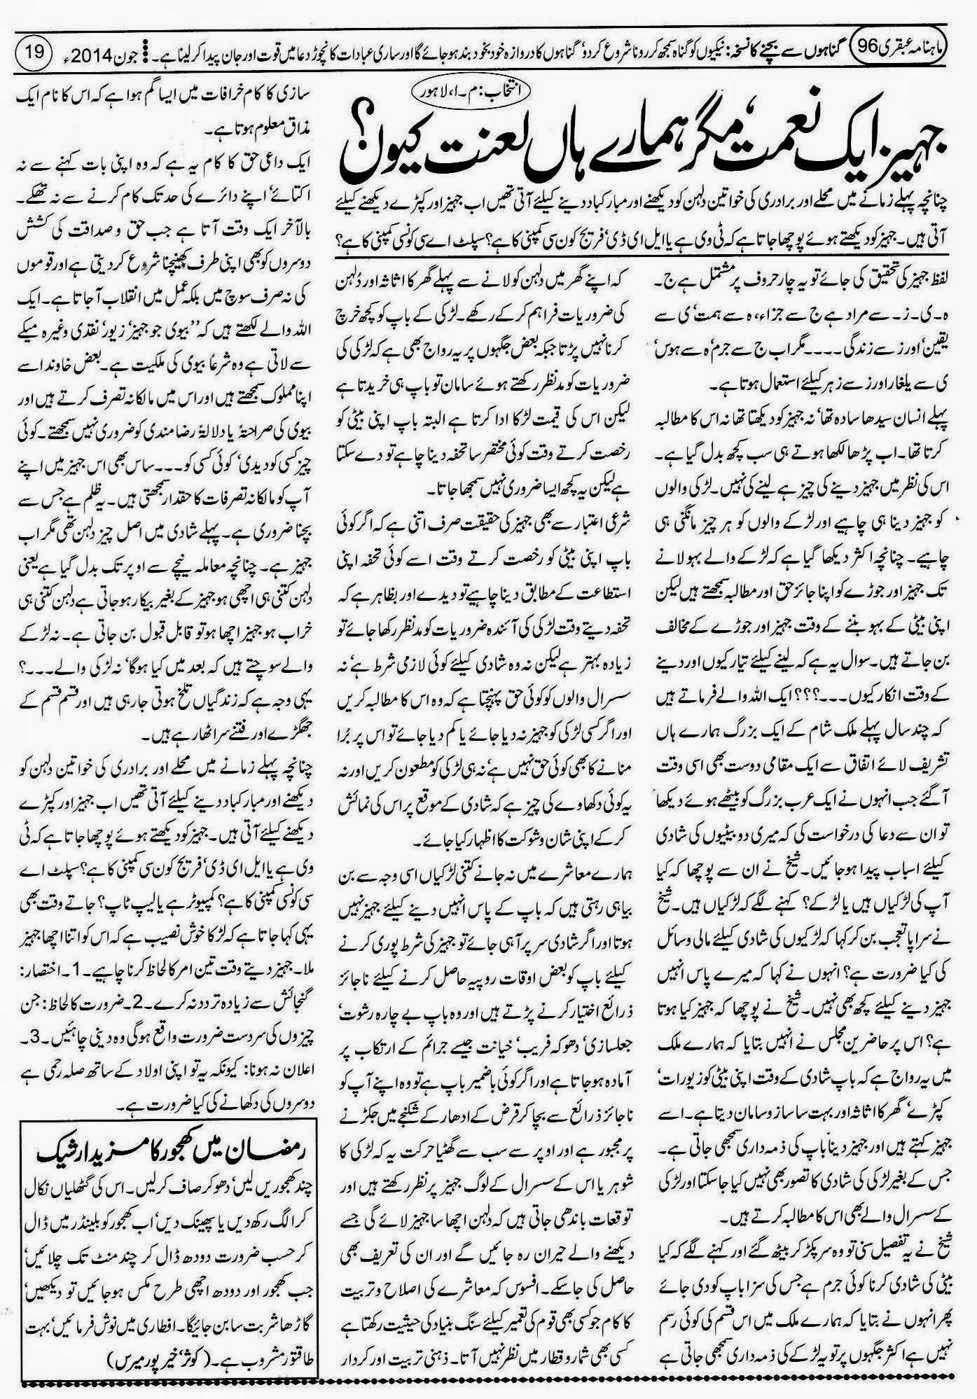 ubqari june 2014 page 19